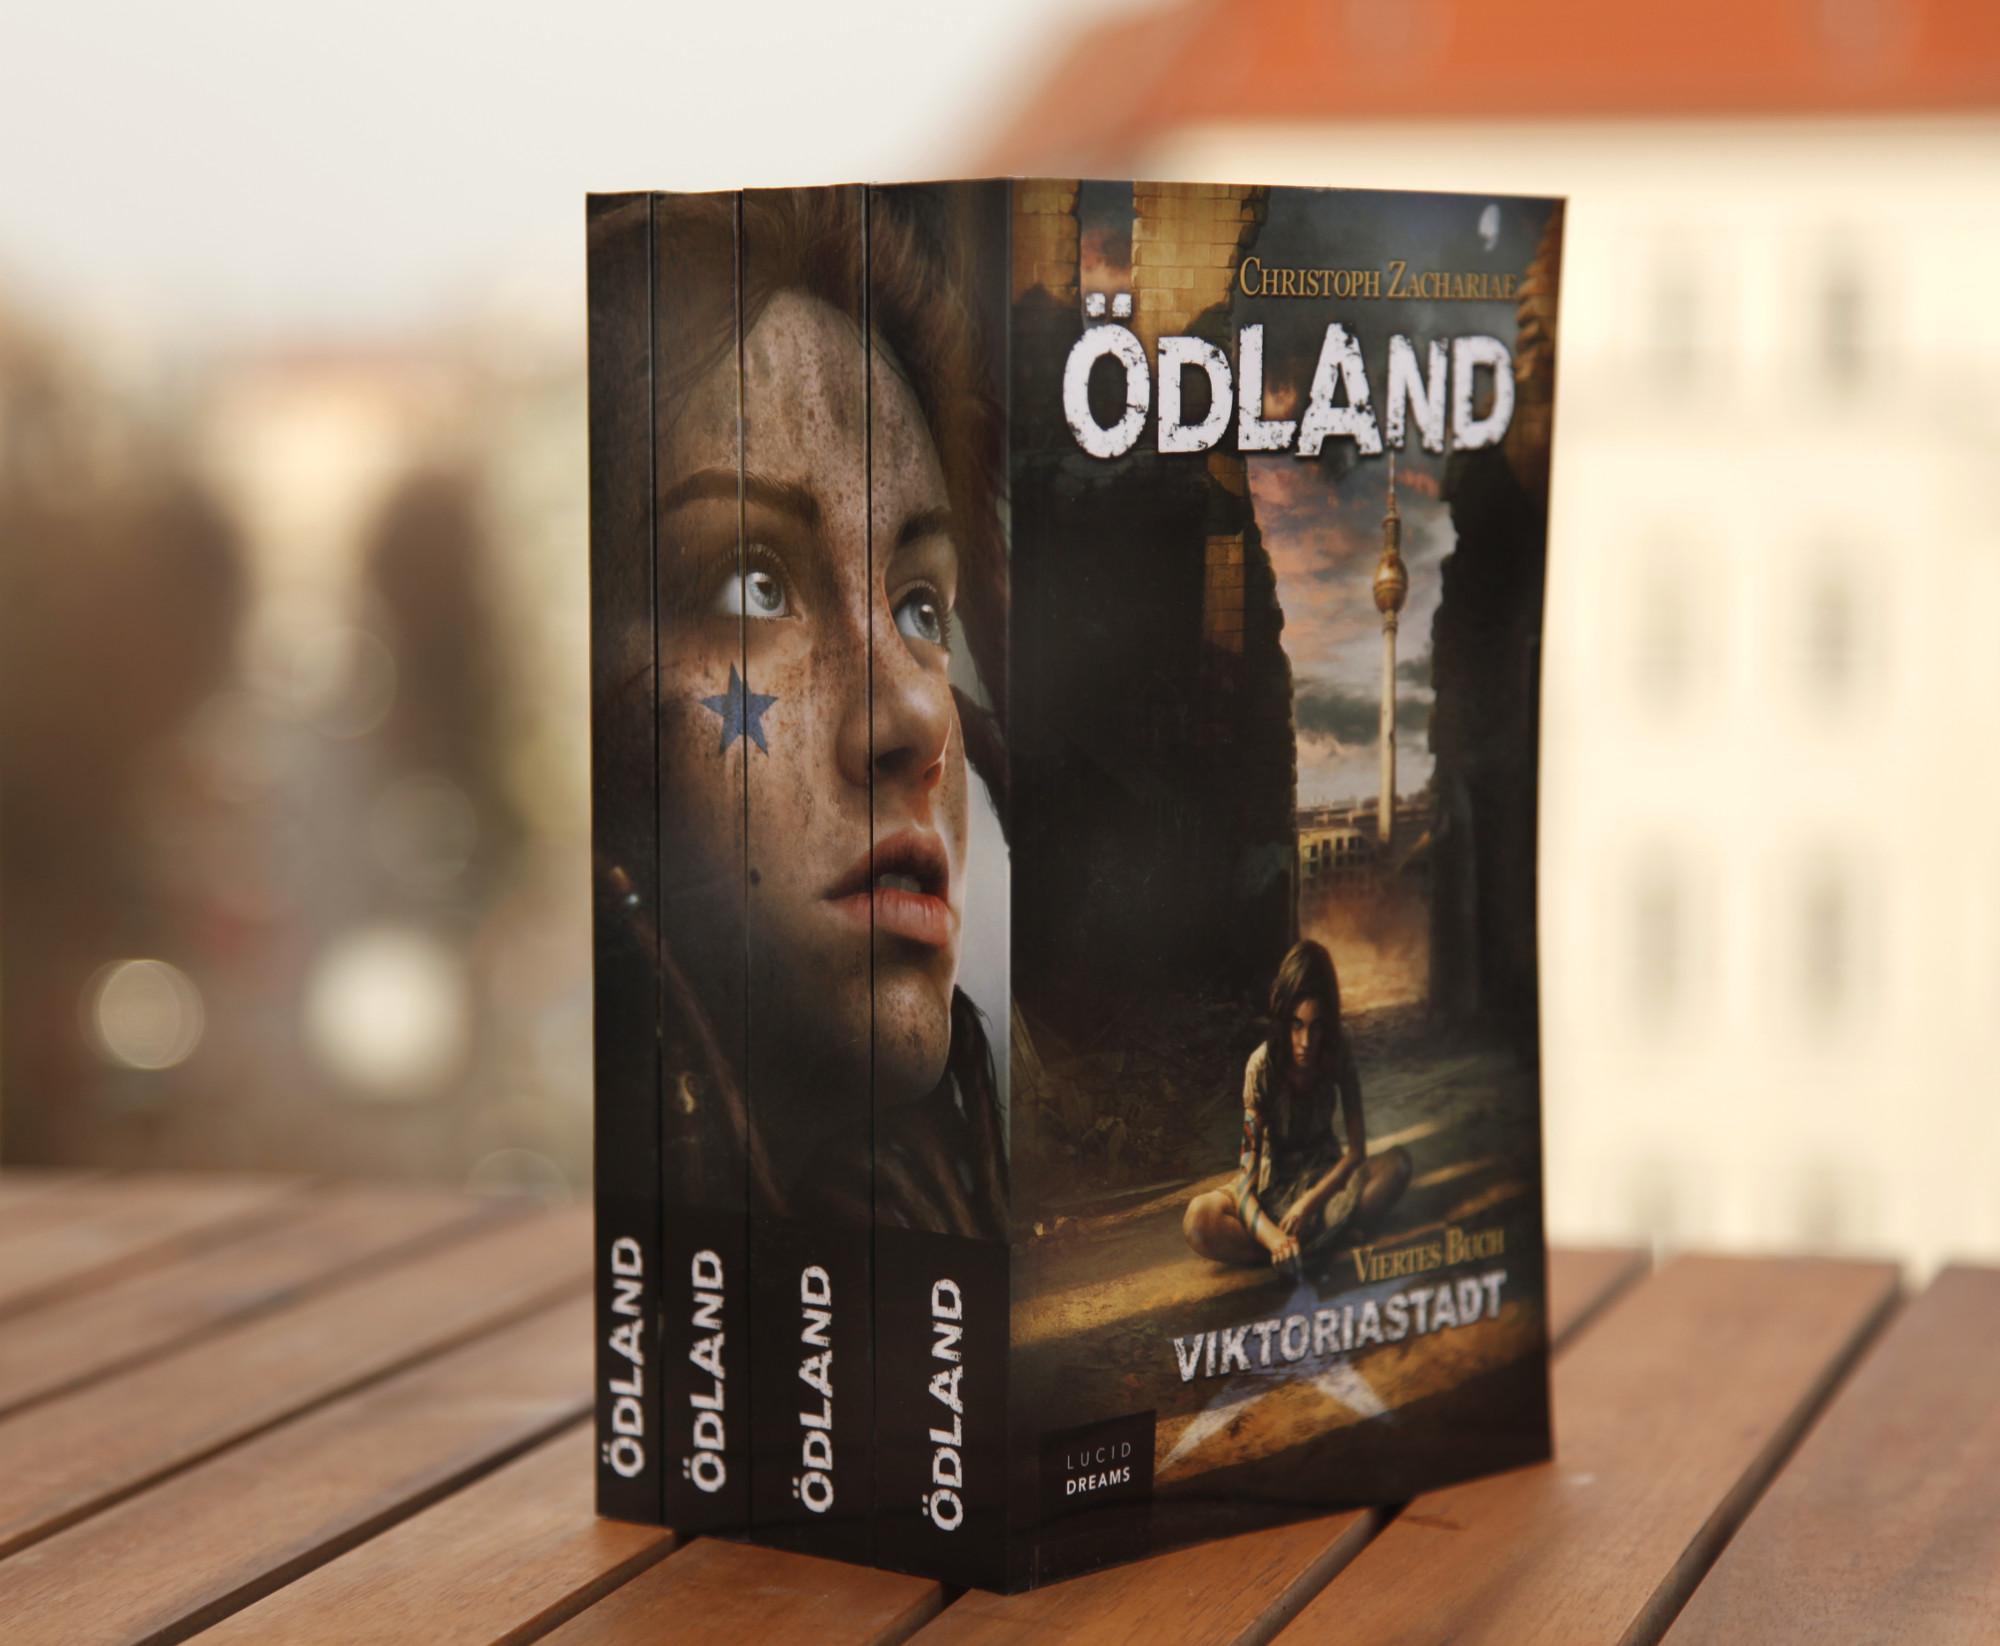 Die ersten vier Bände von Ödland. Copyright: Christoph Zachariae, Lucid Dreams